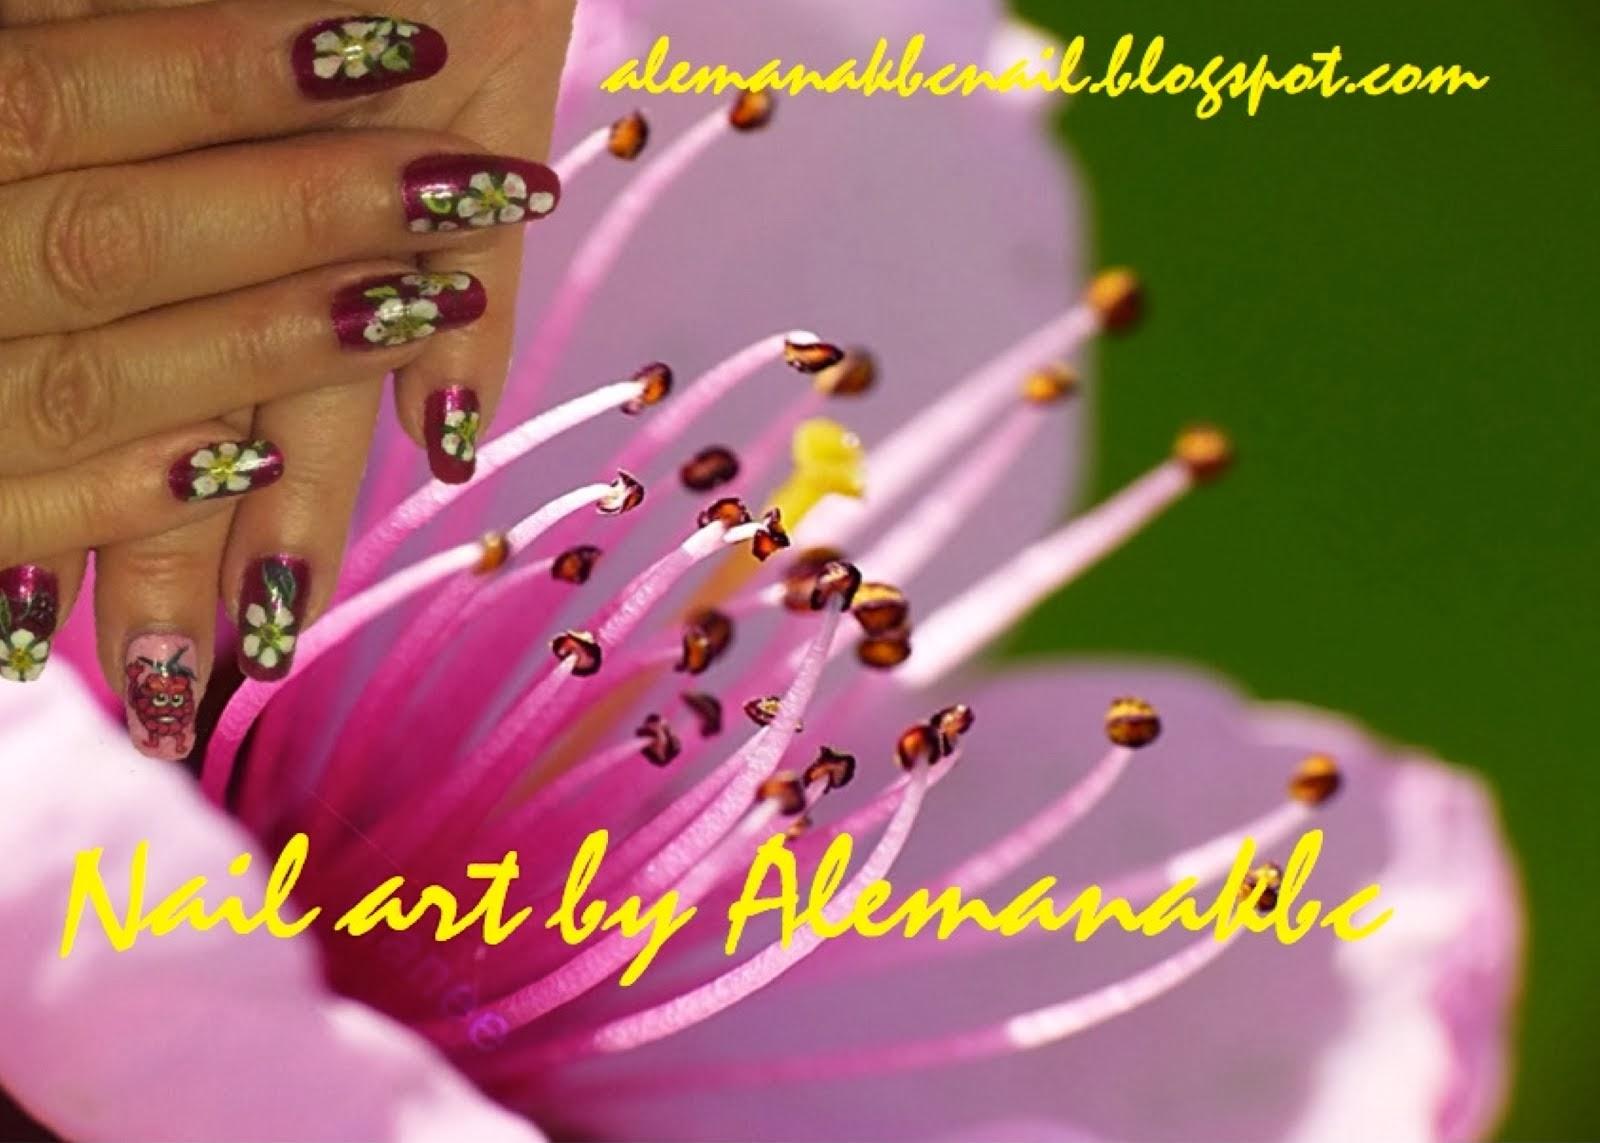 Nail art by Alemanakbc